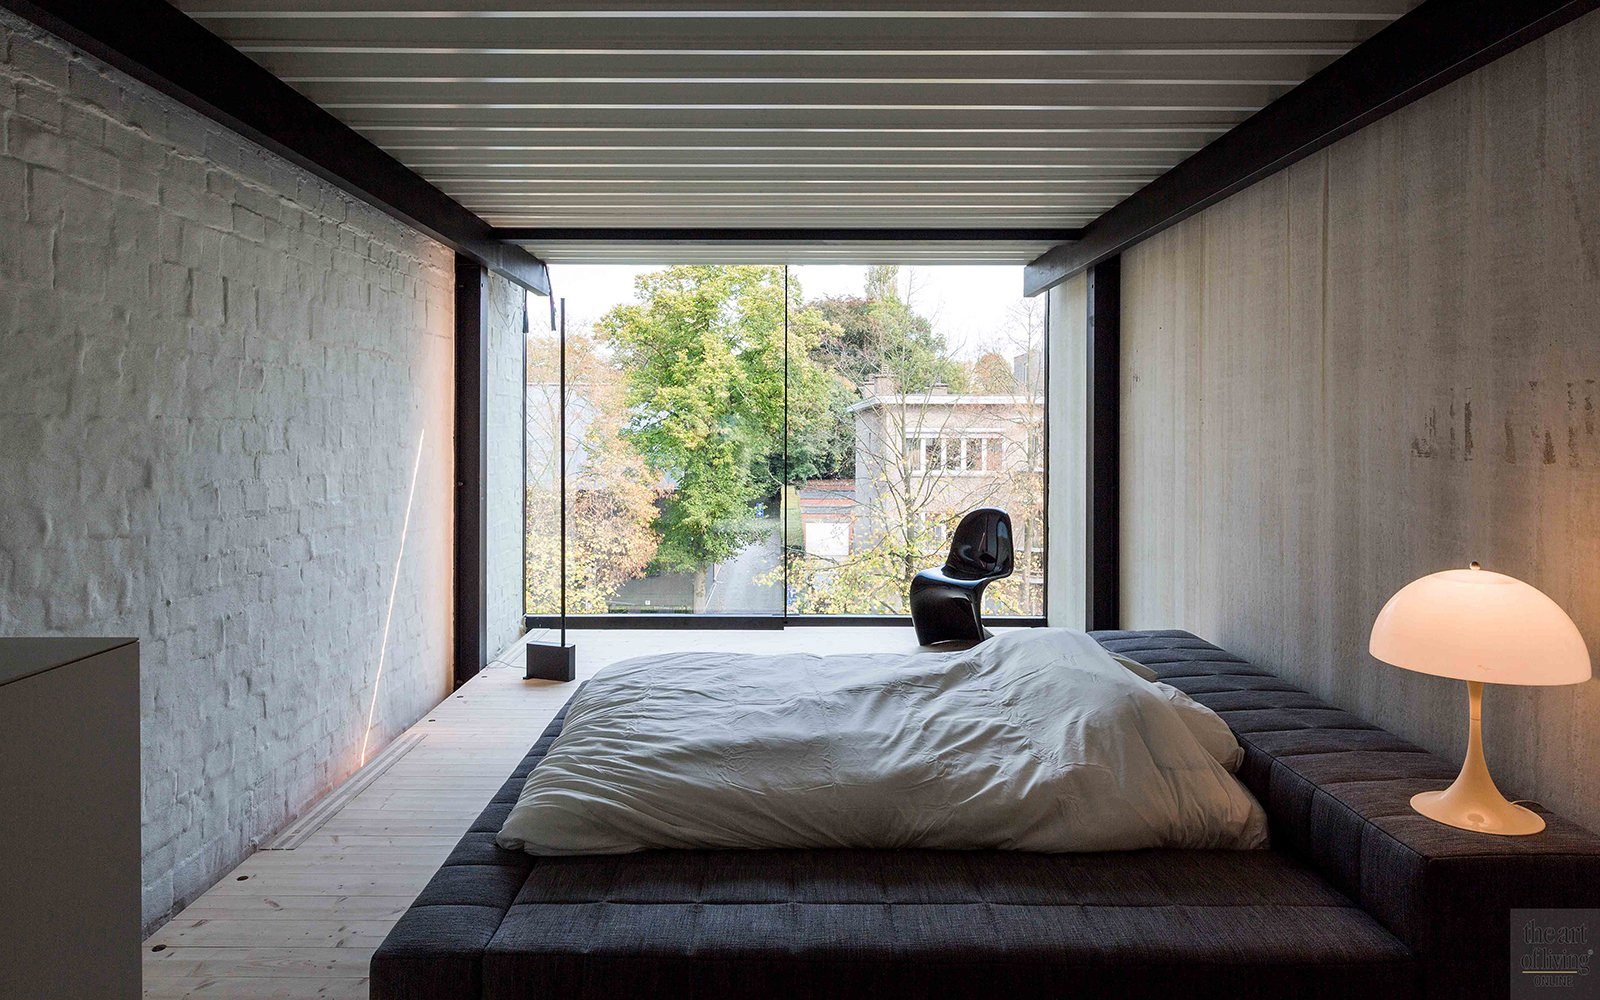 Master bedroom, bed, badkamer, ensuite, neutraal, open, Icoon architecten